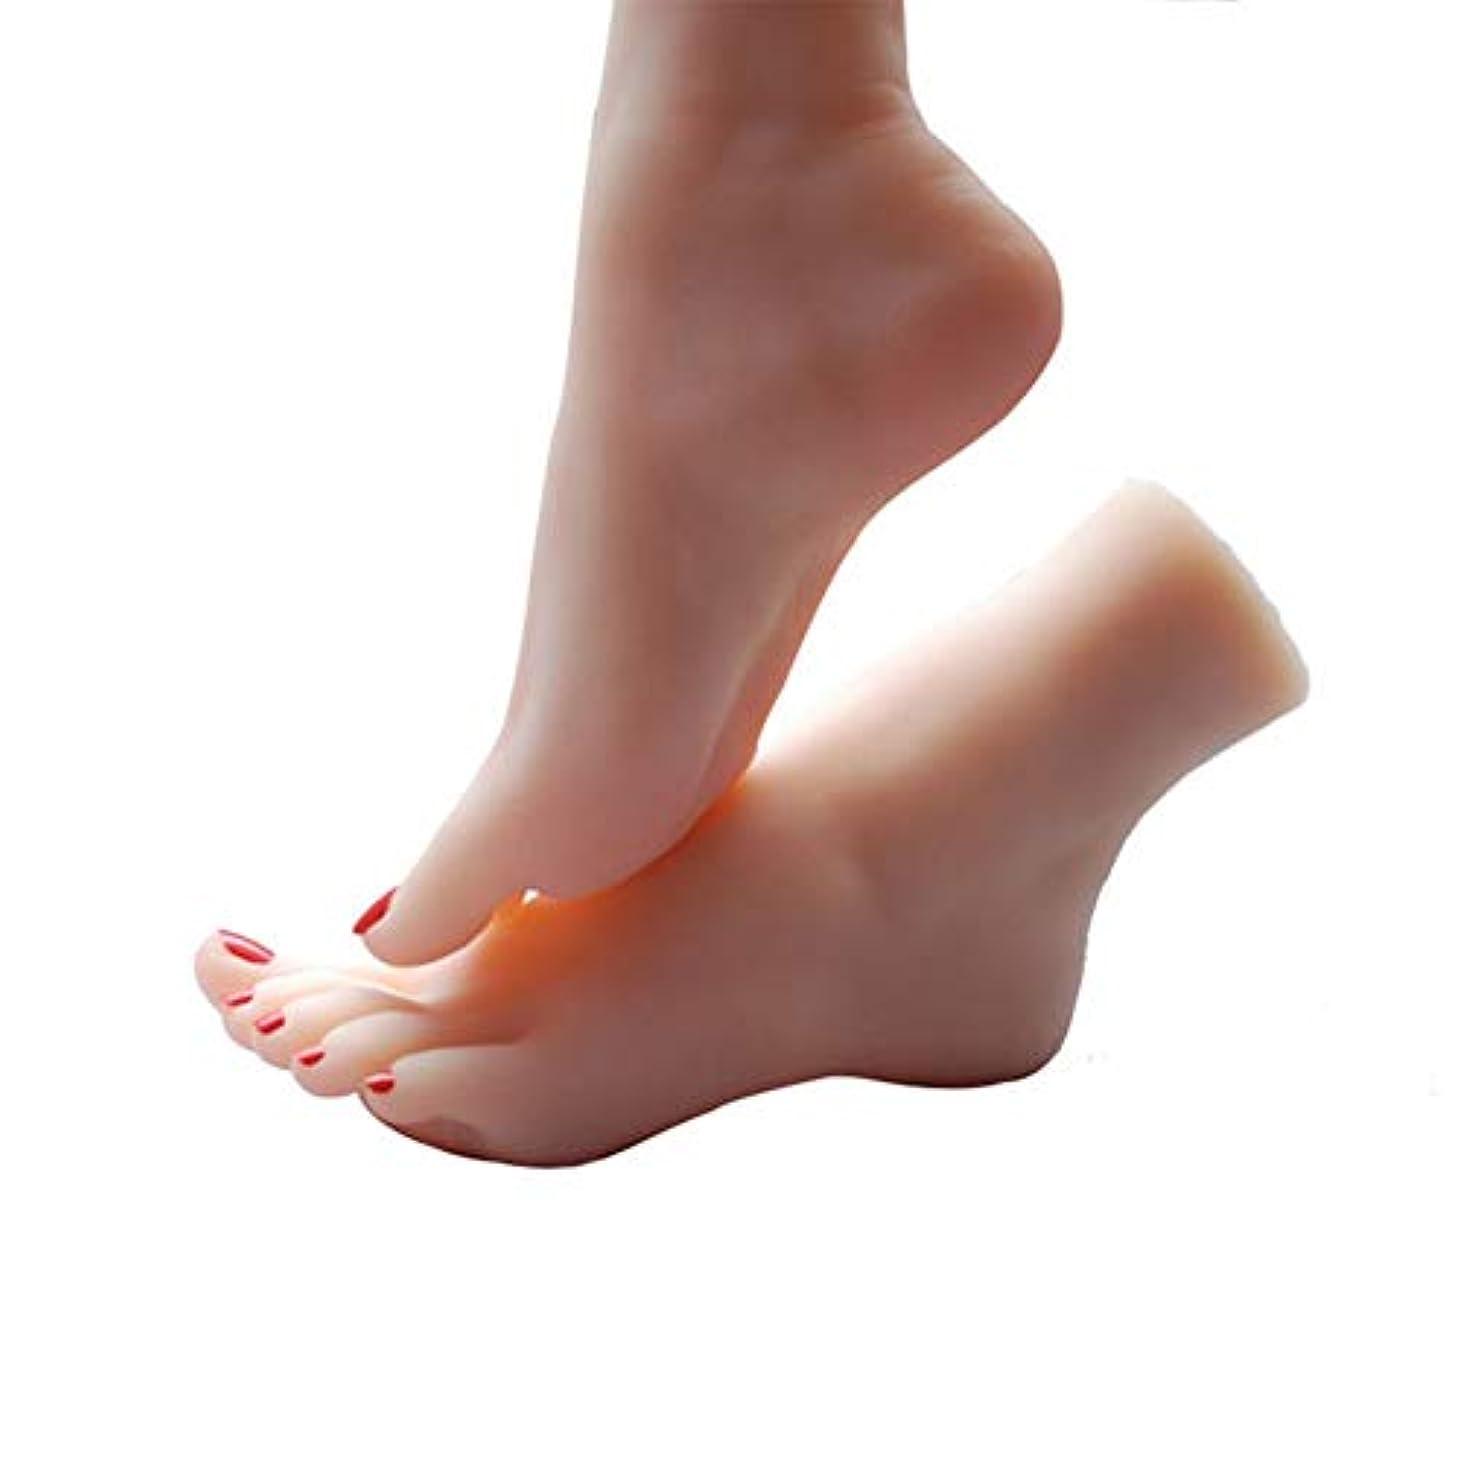 ジョットディボンドン武装解除気候の山スケッチネイルアートの練習ジュエリー靴ソックス表示(ペア)としてシリコーン女性の足のライフサイズマネキン